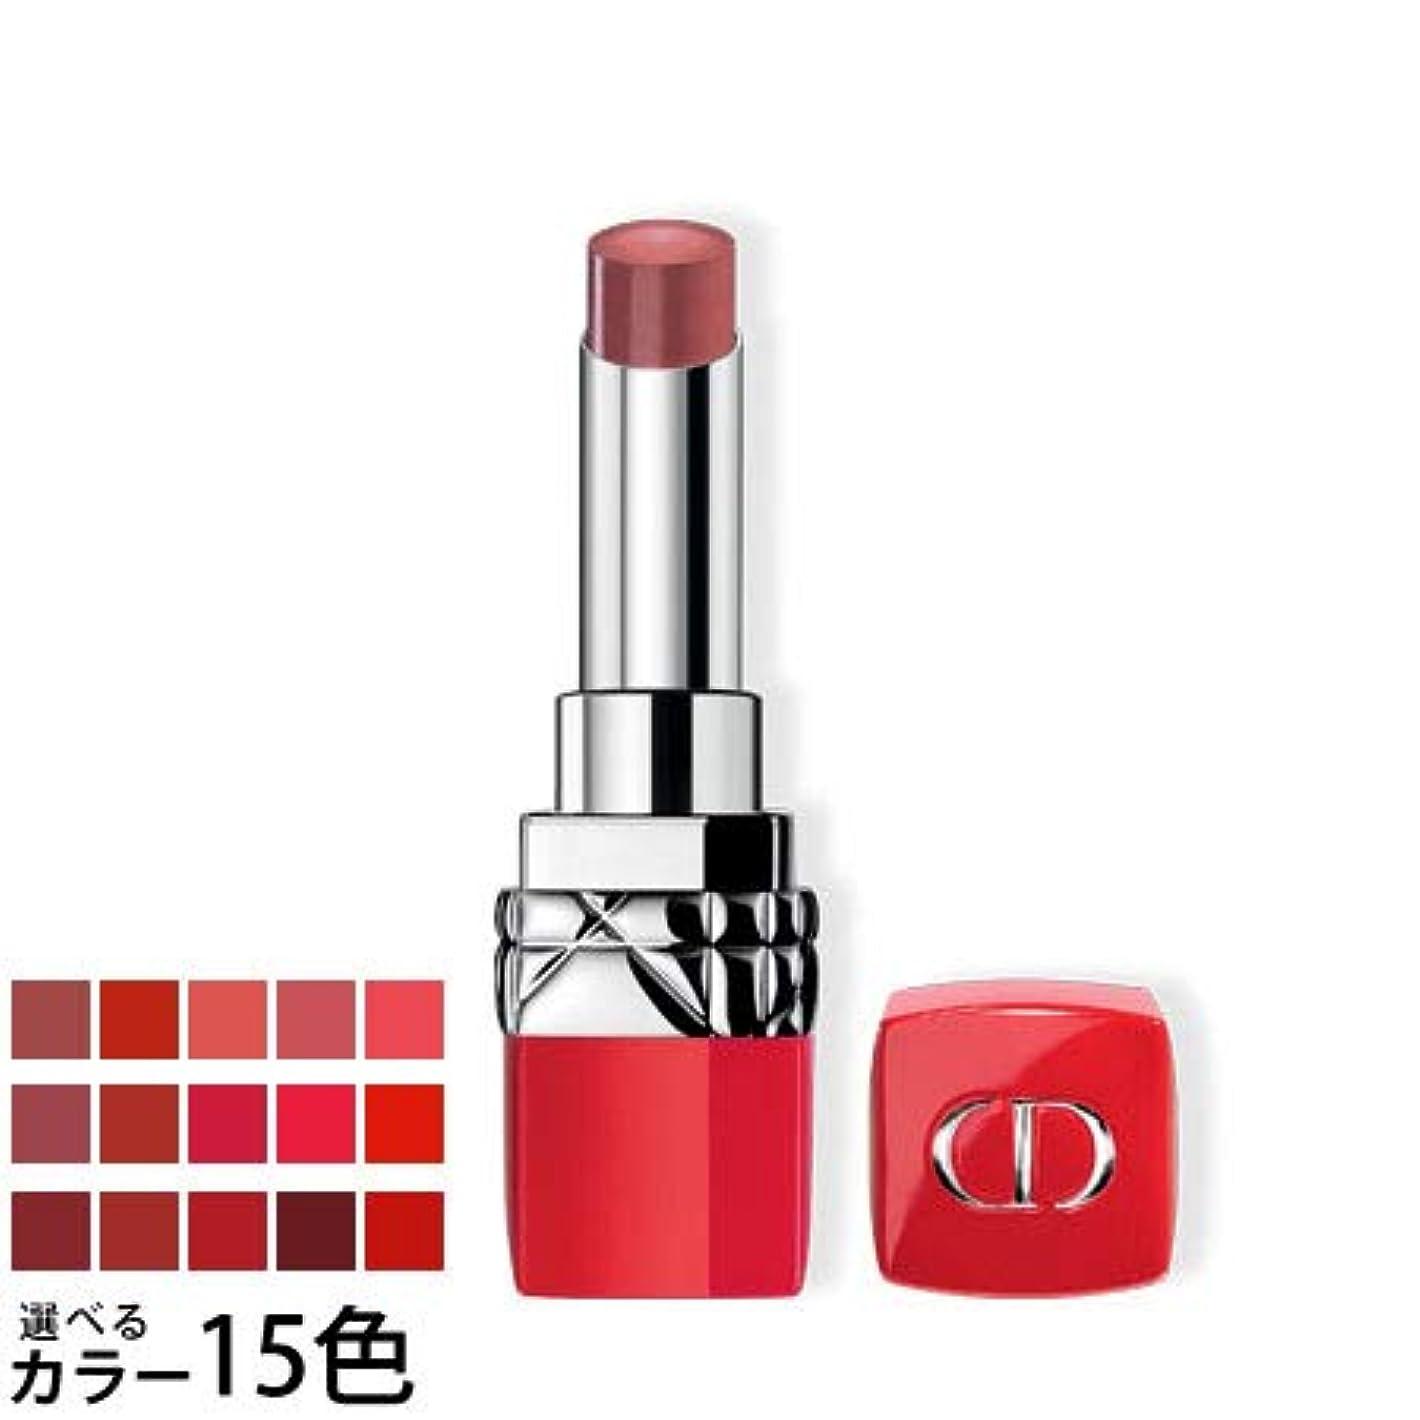 スナッチ形容詞カートリッジディオール ルージュ ディオール ウルトラ ルージュ 選べる15色 -Dior- 851